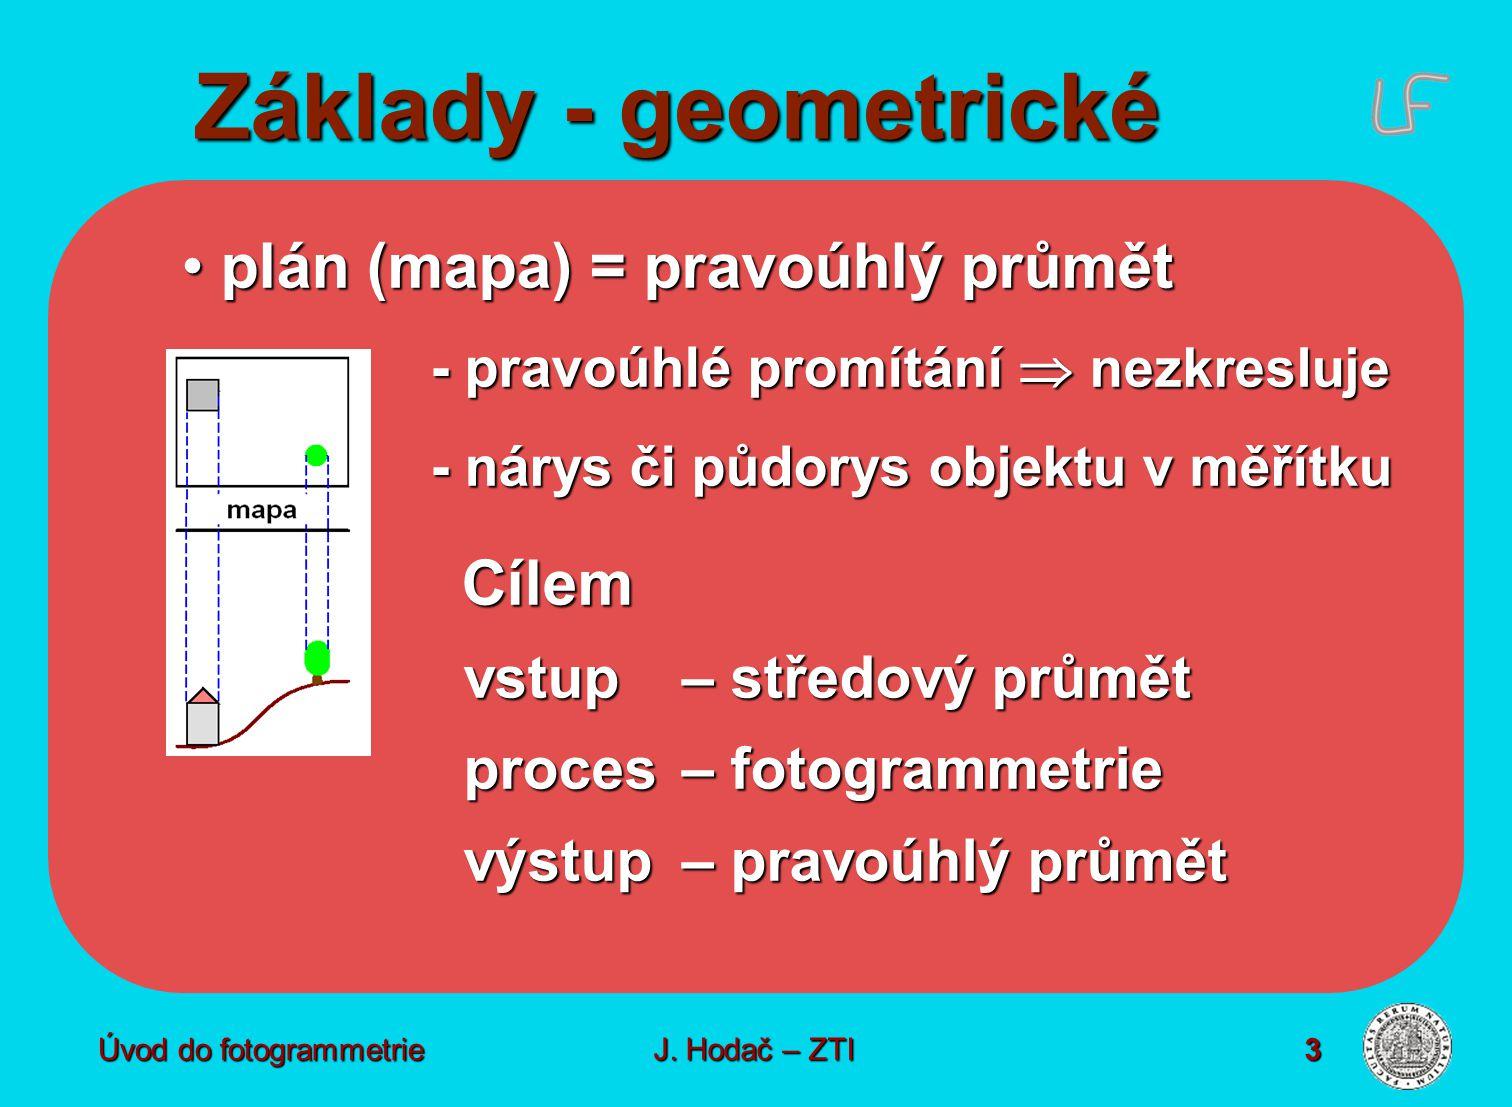 Úvod do fotogrammetrie3 Základy - geometrické plán (mapa) = pravoúhlý průmět plán (mapa) = pravoúhlý průmět - pravoúhlé promítání  nezkresluje - nárys či půdorys objektu v měřítku Cílem Cílem vstup– středový průmět vstup– středový průmět proces– fotogrammetrie proces– fotogrammetrie výstup– pravoúhlý průmět výstup– pravoúhlý průmět J.